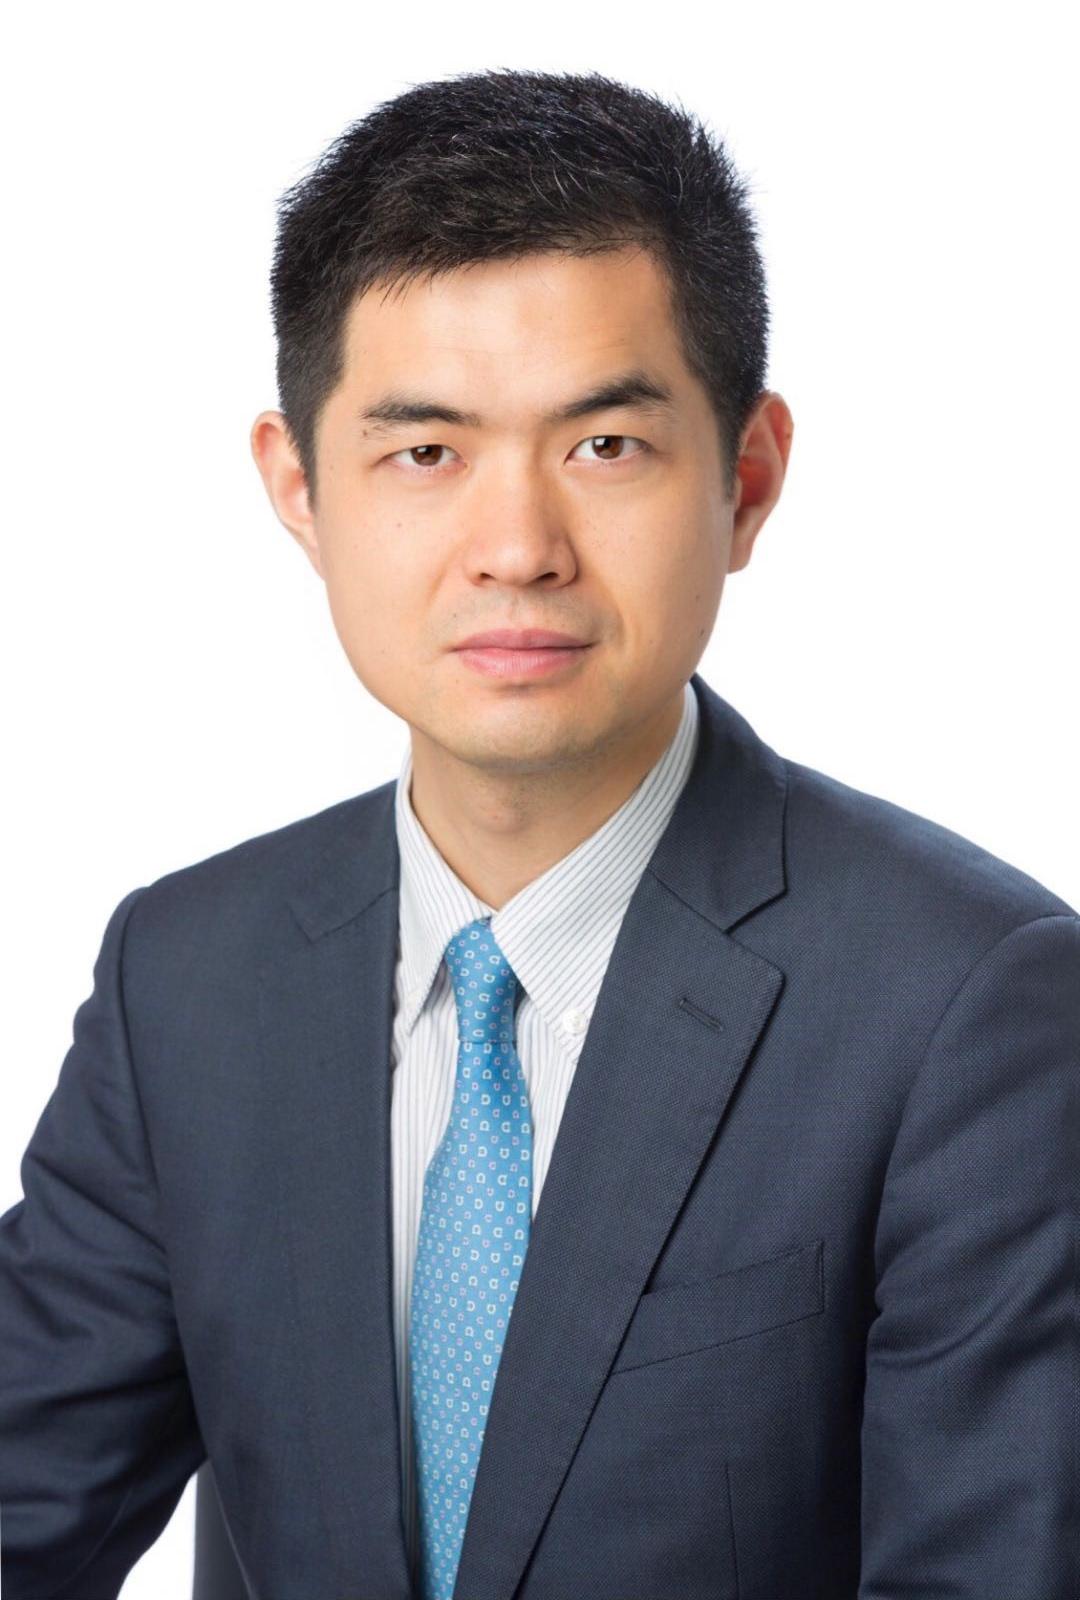 邢自强博士 摩根士丹利中国首席经济学家、董事总经理